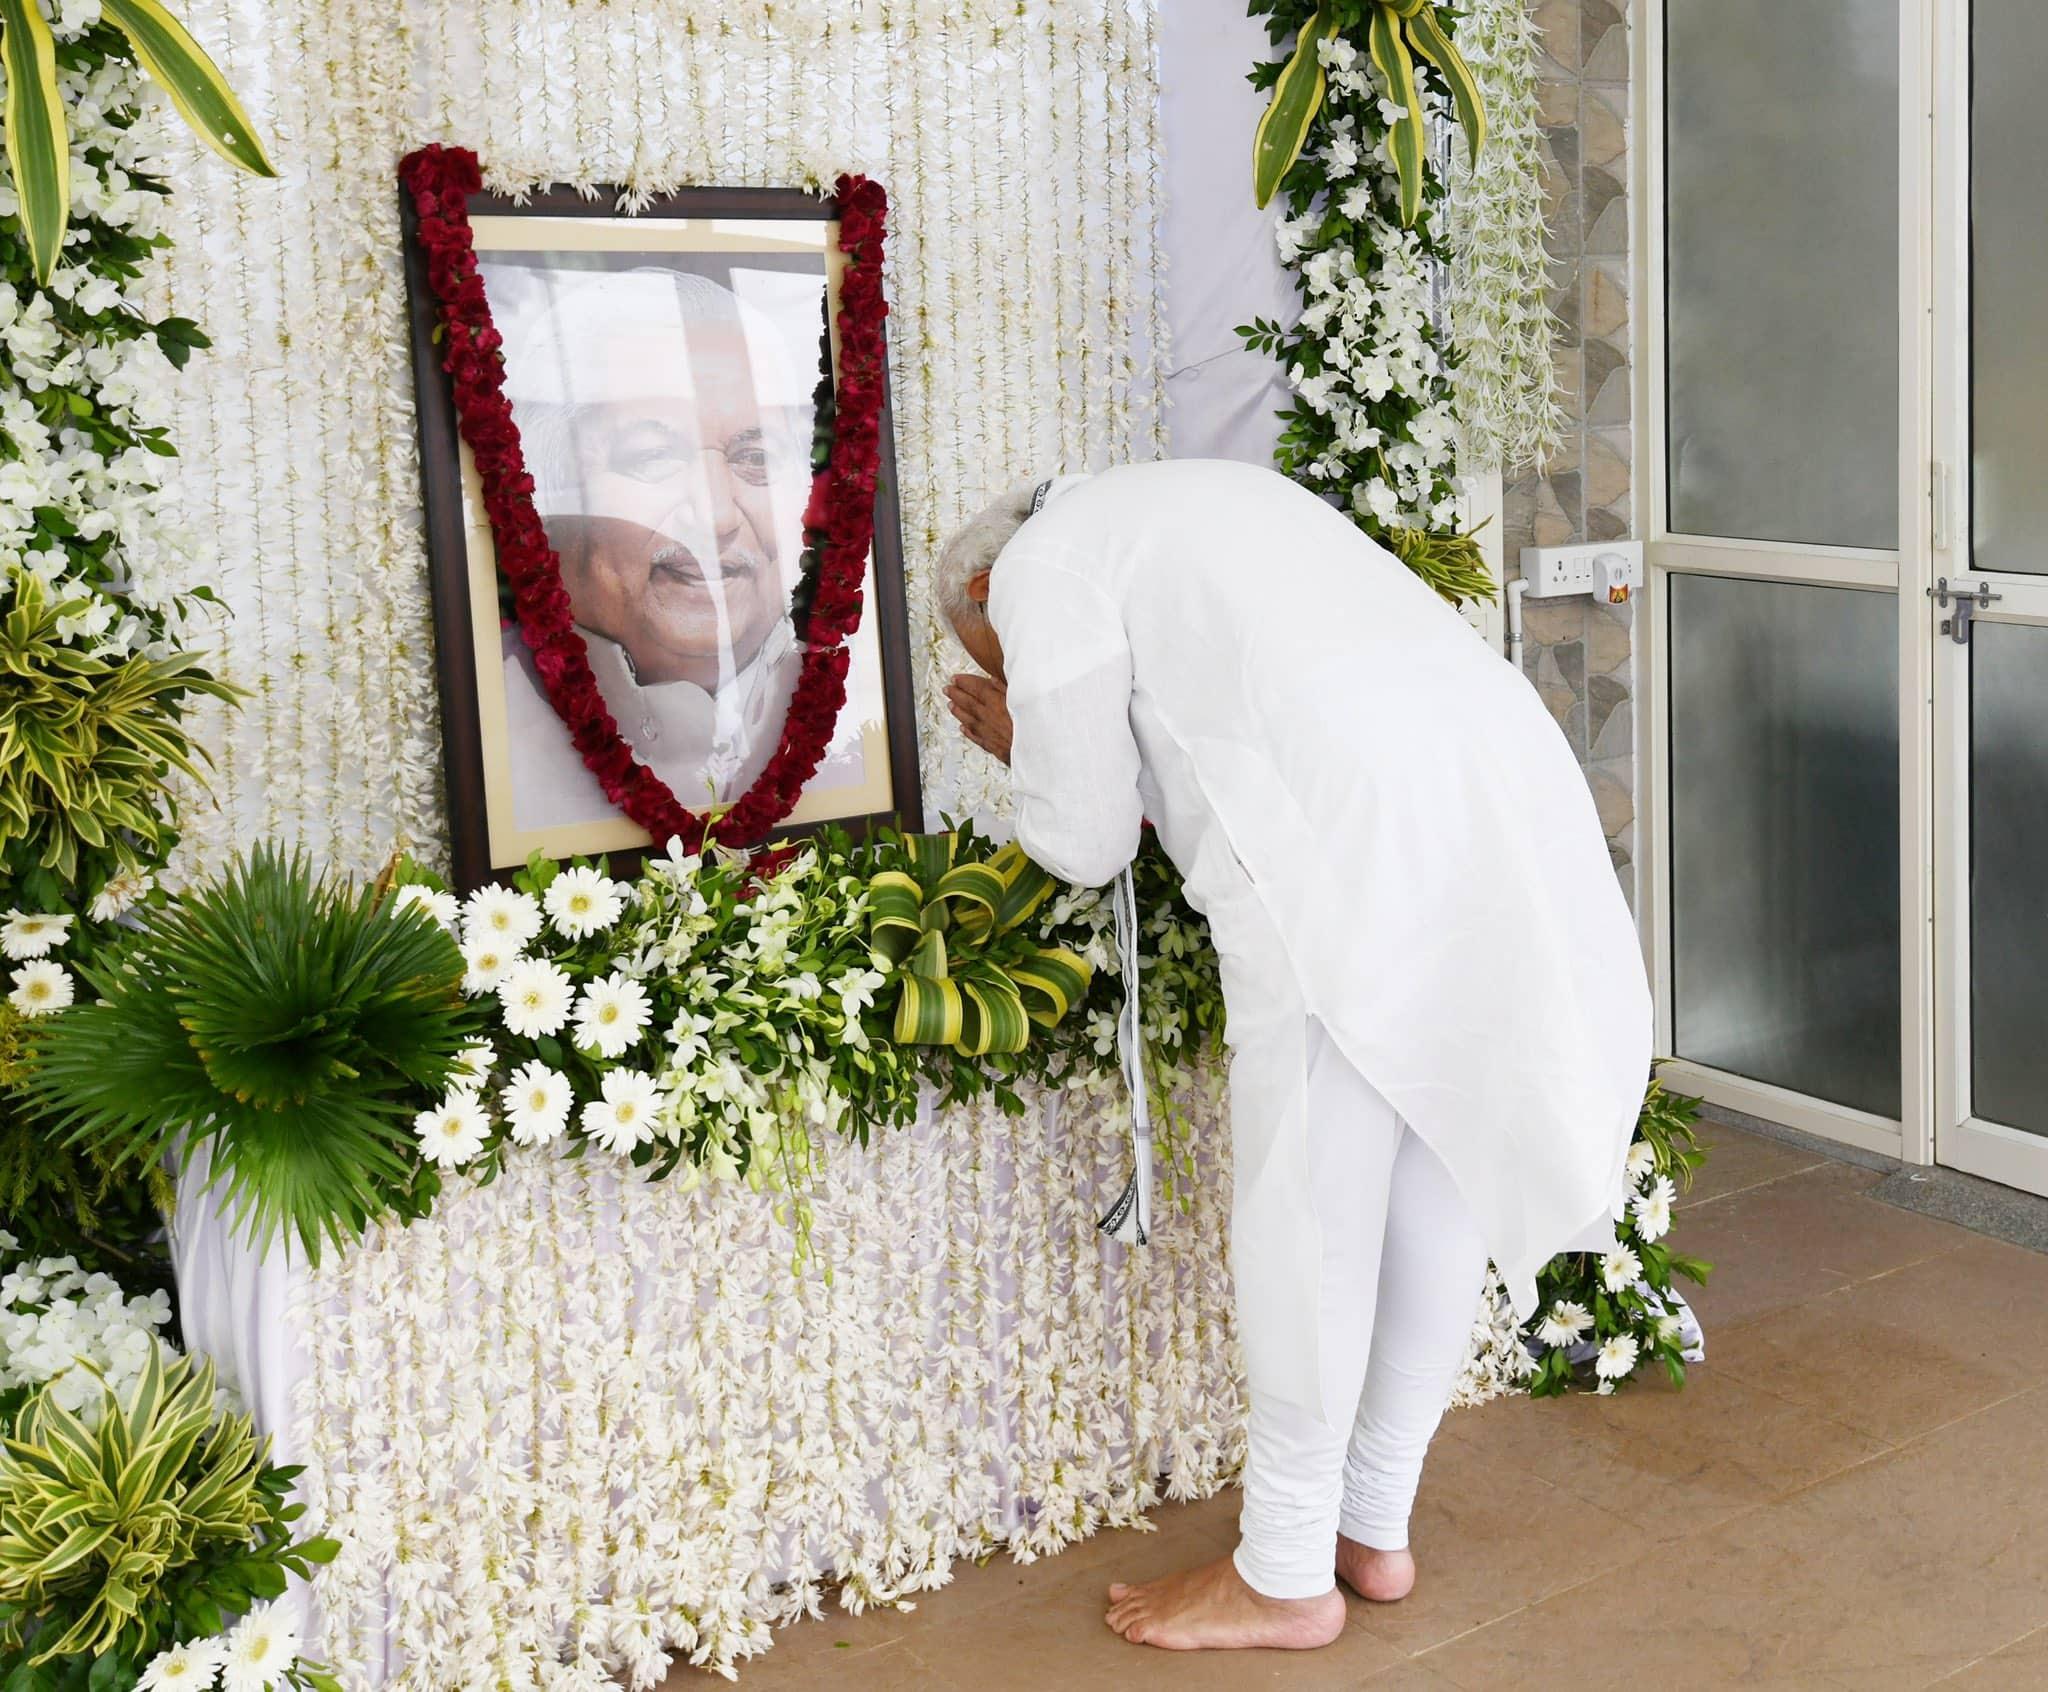 PM Narendra Modi in Gujarat